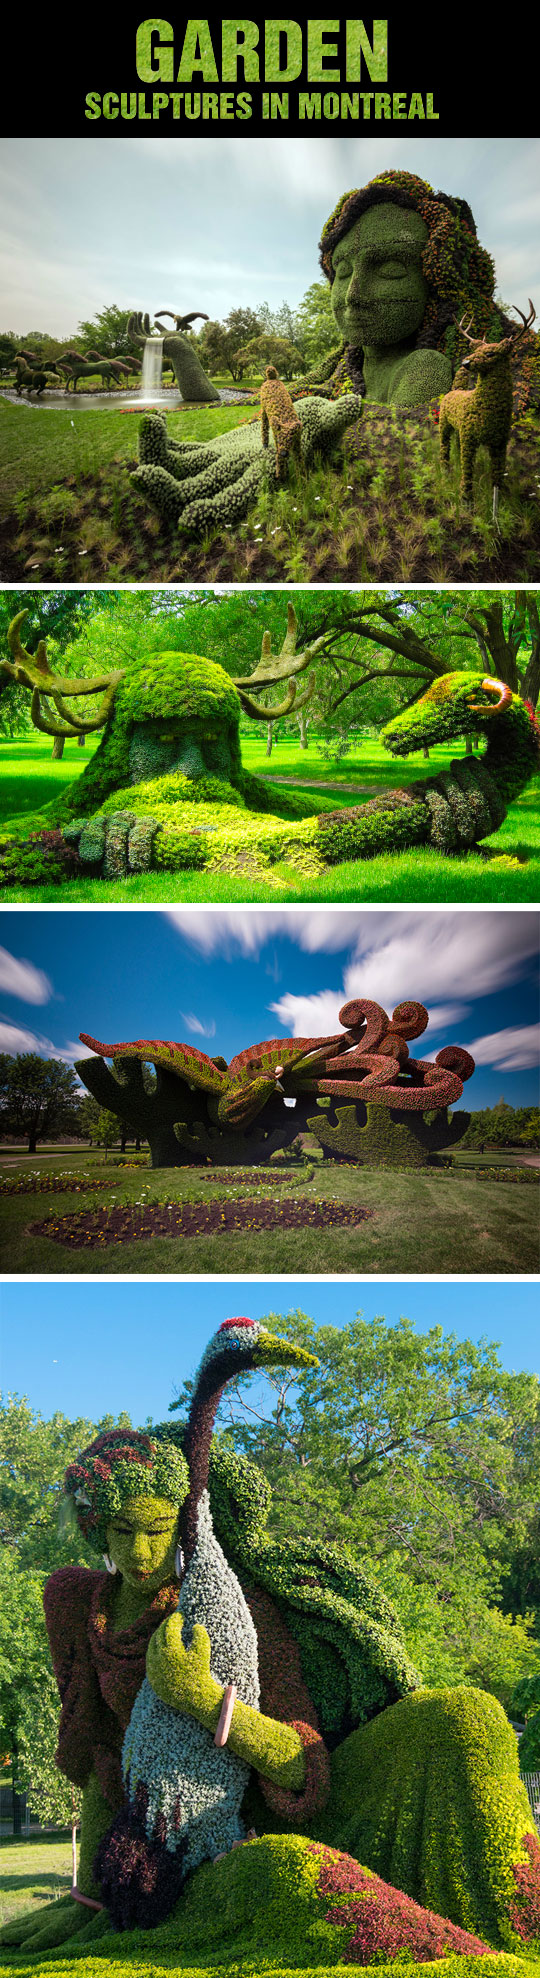 garden-sculptures-Montreal-woman